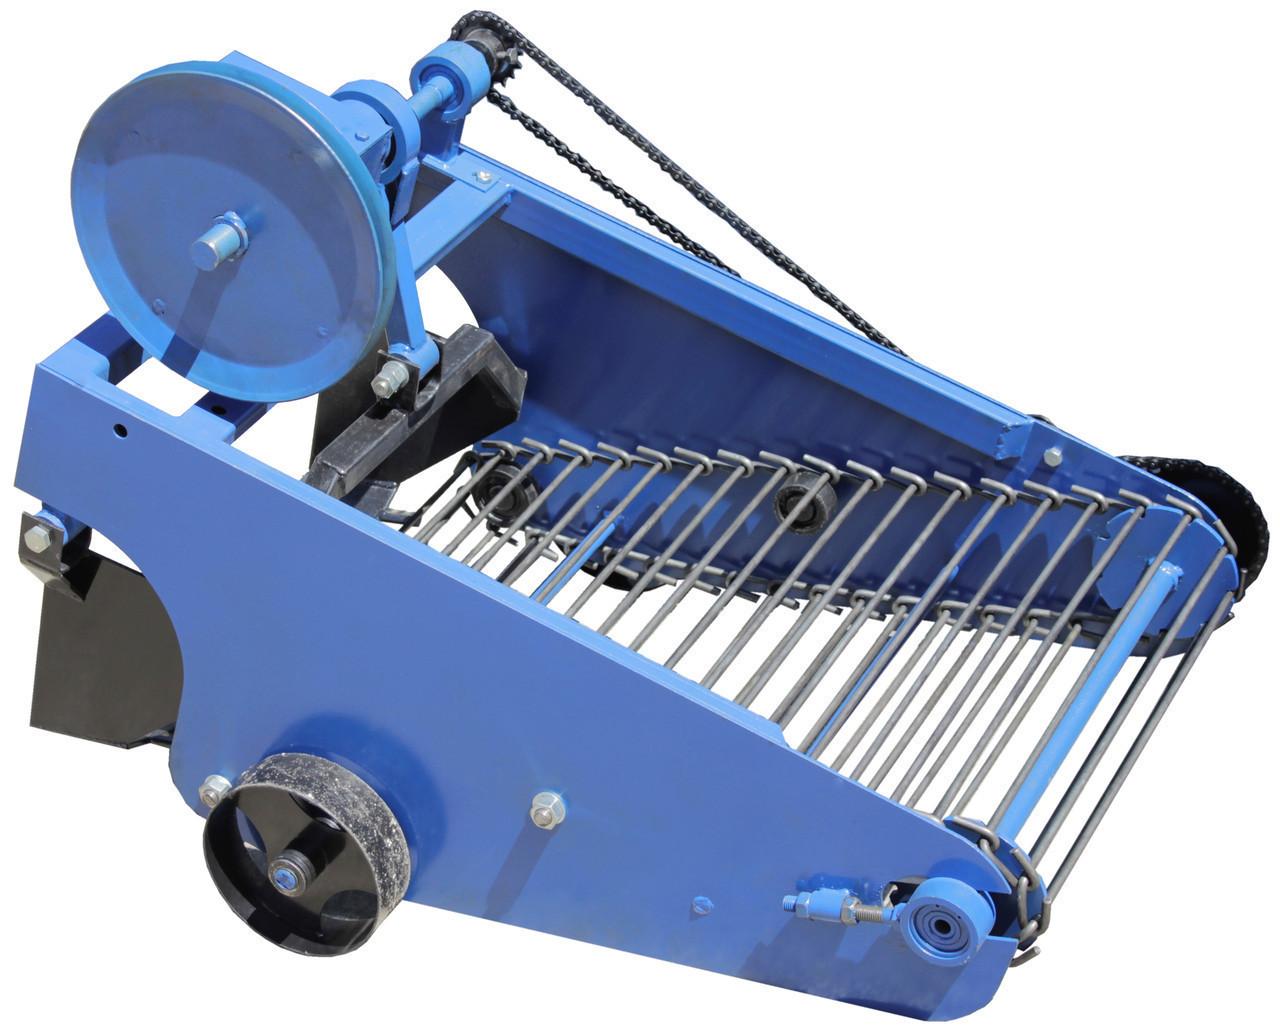 Картофелекопалка транспортерная с активным ножом Премиум (для мототракторов и тяжелых мотоблоков)